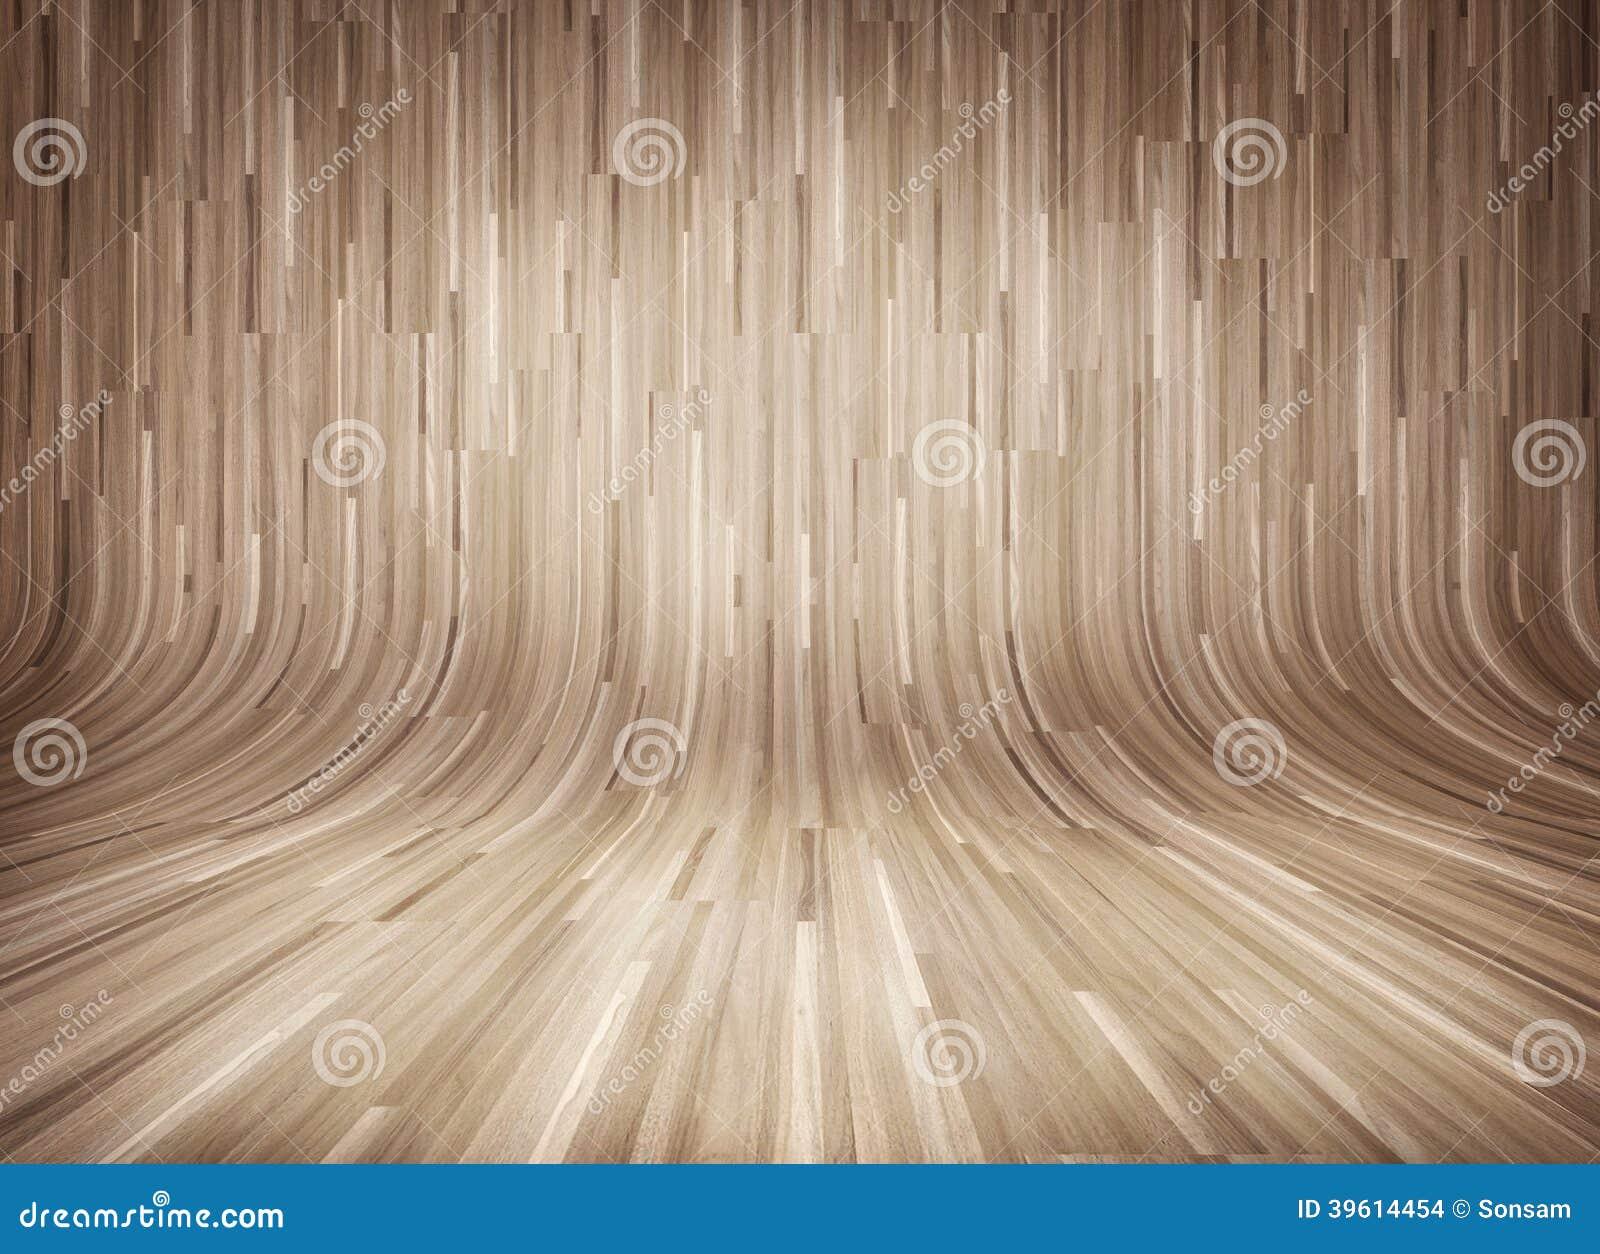 fond en bois incurv de parquet photo stock image 39614454. Black Bedroom Furniture Sets. Home Design Ideas